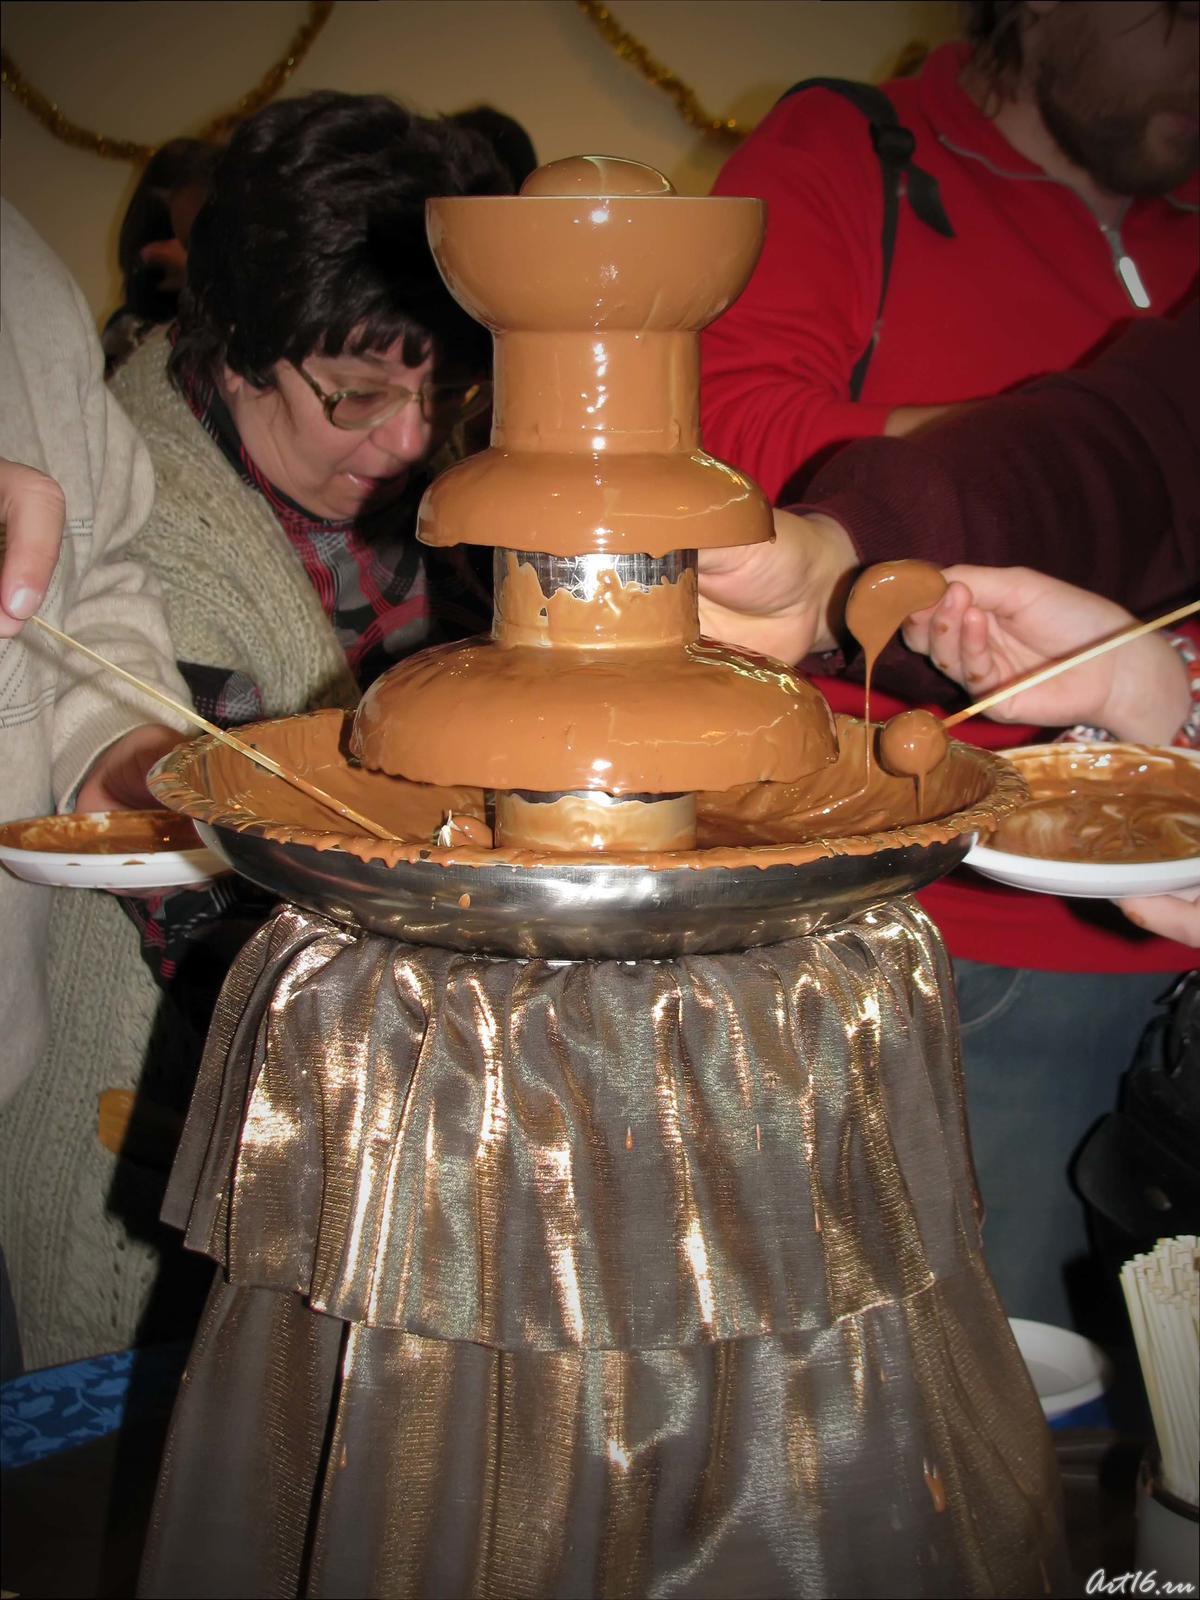 Фото №39500. Сладости из шоколадного фонтана